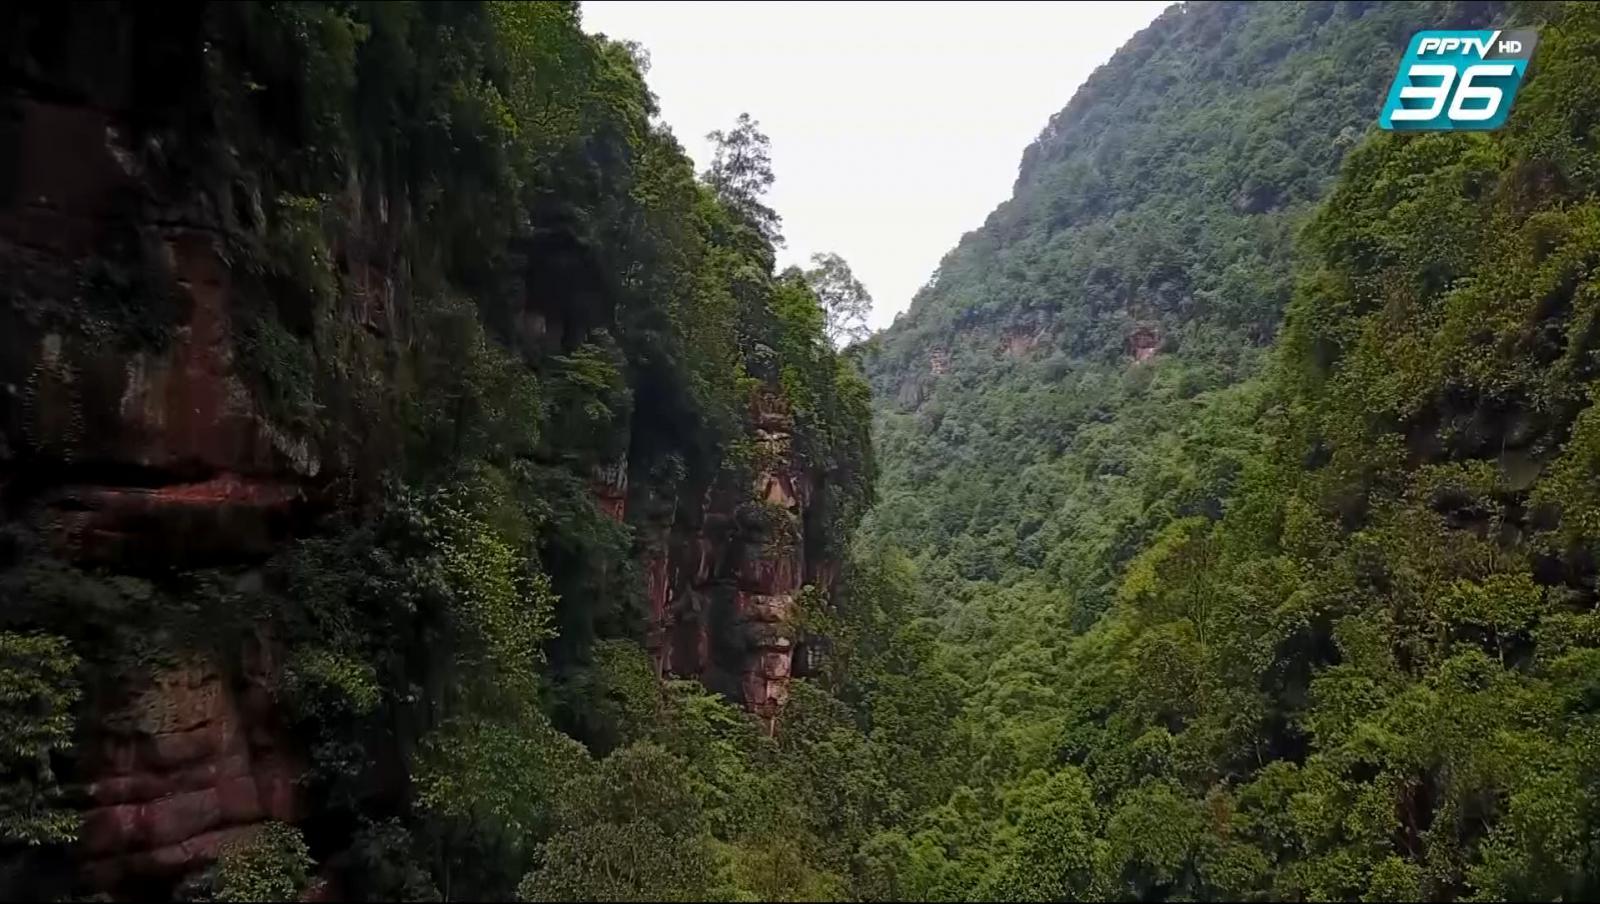 ผาหินแสงพระพุทธ เมืองฉงชิ่ง ประเทศจีน